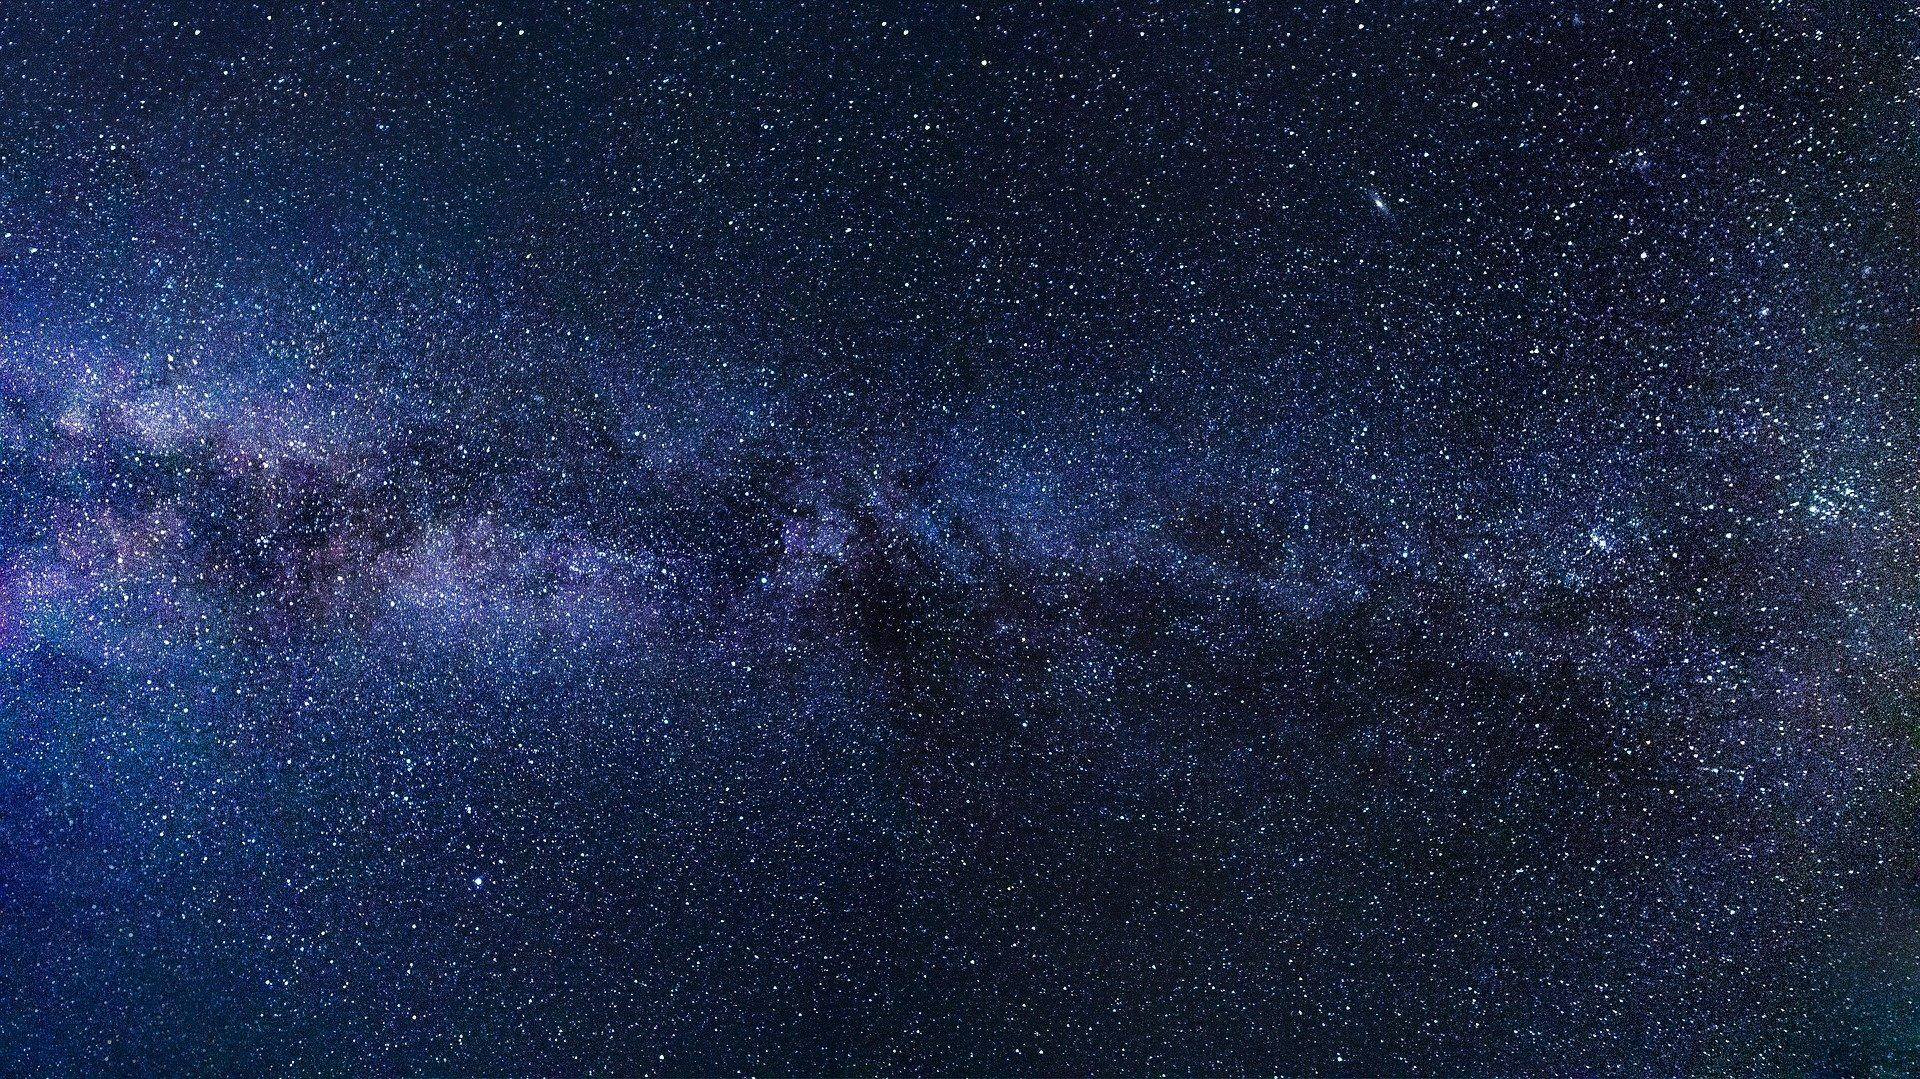 (O cientista é um dos autores de 14 estudos dedicados a este conjunto de dados inéditos do LOFAR, coletados em uma edição especial da revista Astronomy and Astrophysics, publicada nesta quarta-feira. Foto: Reprodução/Pixabay)